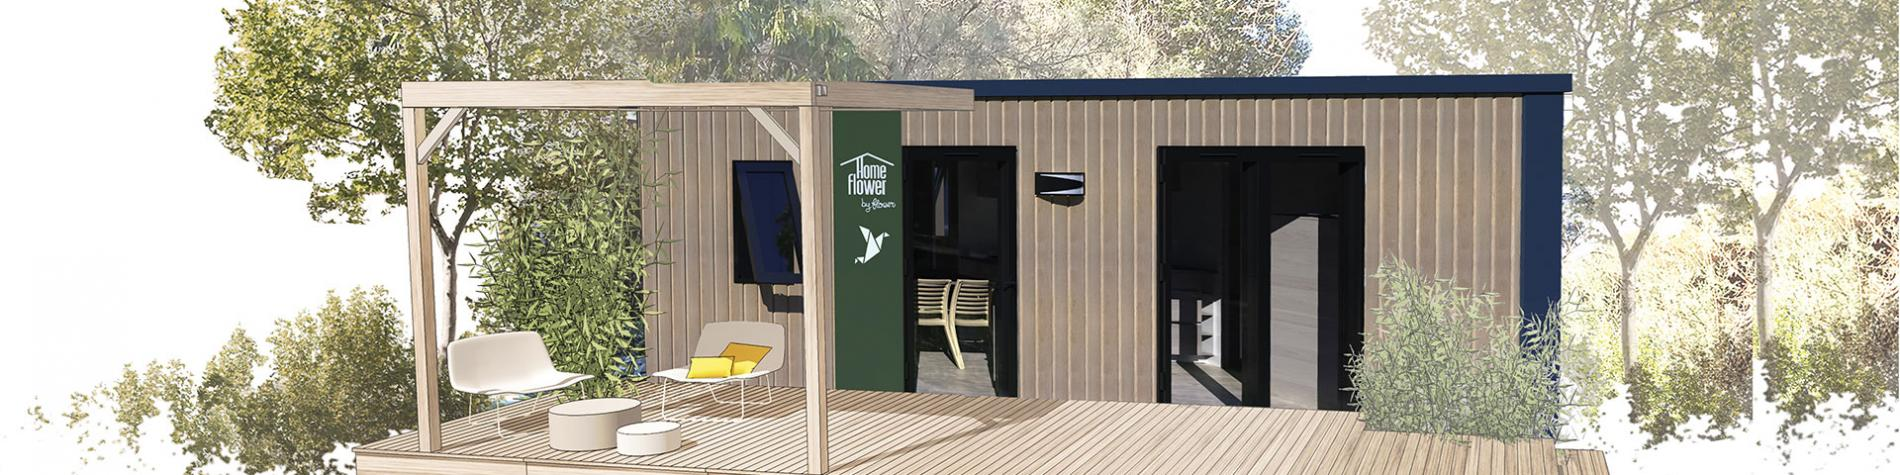 Camping - La Rosière - Florenville - WIFI gratuit - cafétéria Magasin - Sanitaires modernes - Animations - Piscine chauffée - Terrains de sport - aire de jeux